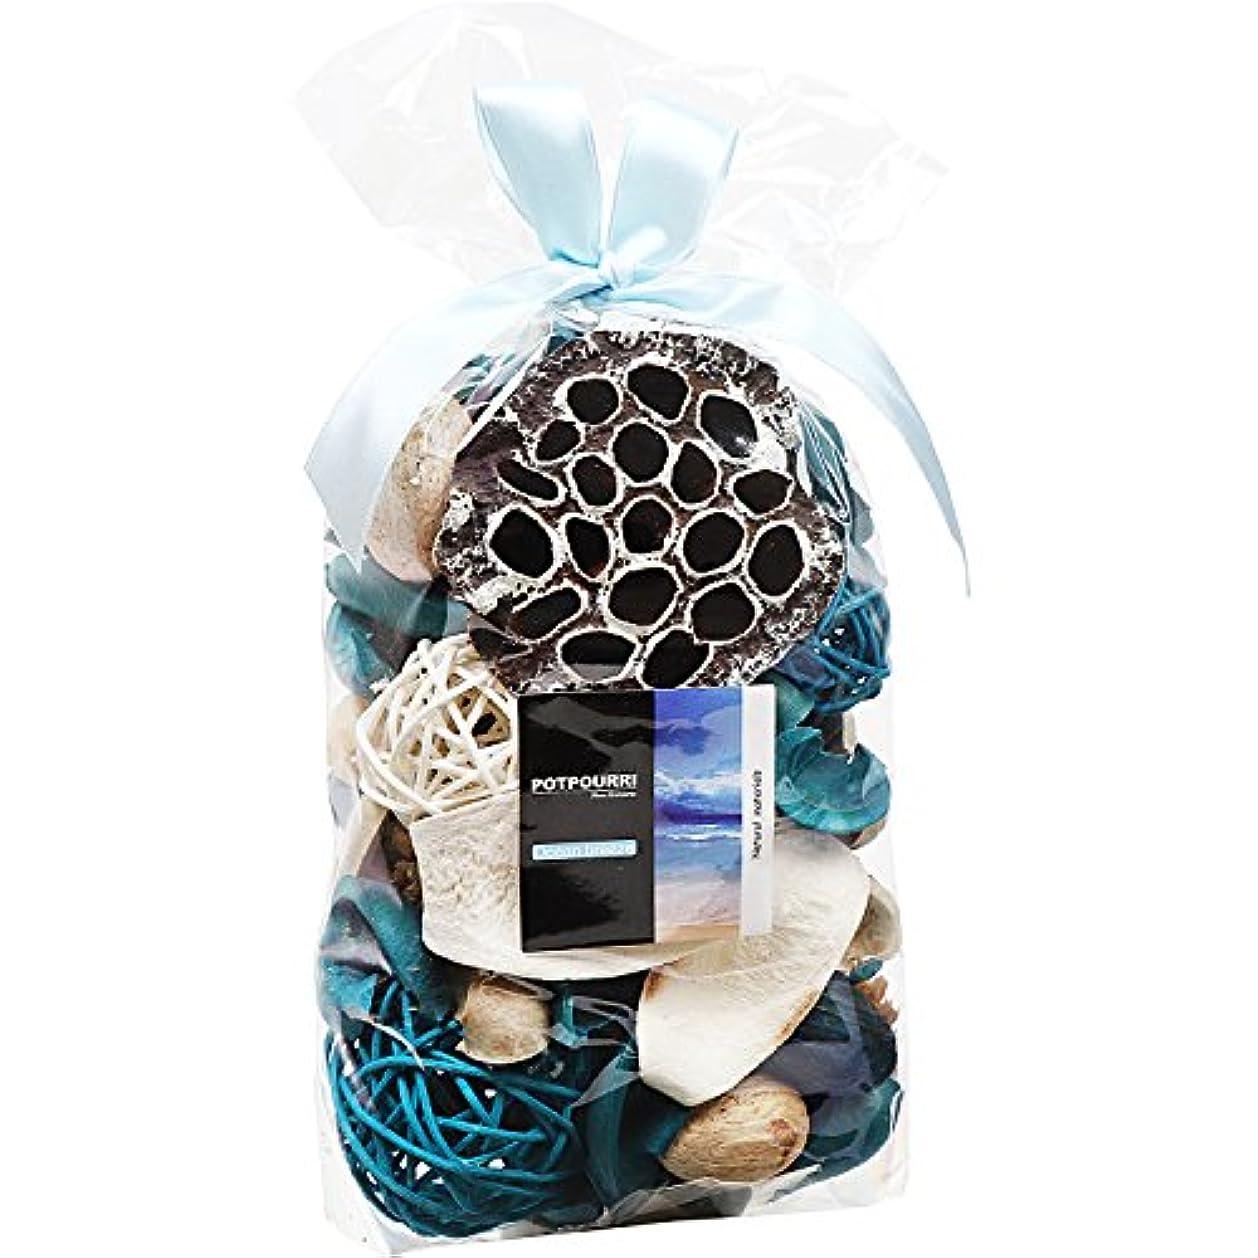 機知に富んだキャンセル圧縮するQingbei Rina ポプリ 青色 300g 海のポプリ ギフト 手作りの自然素材